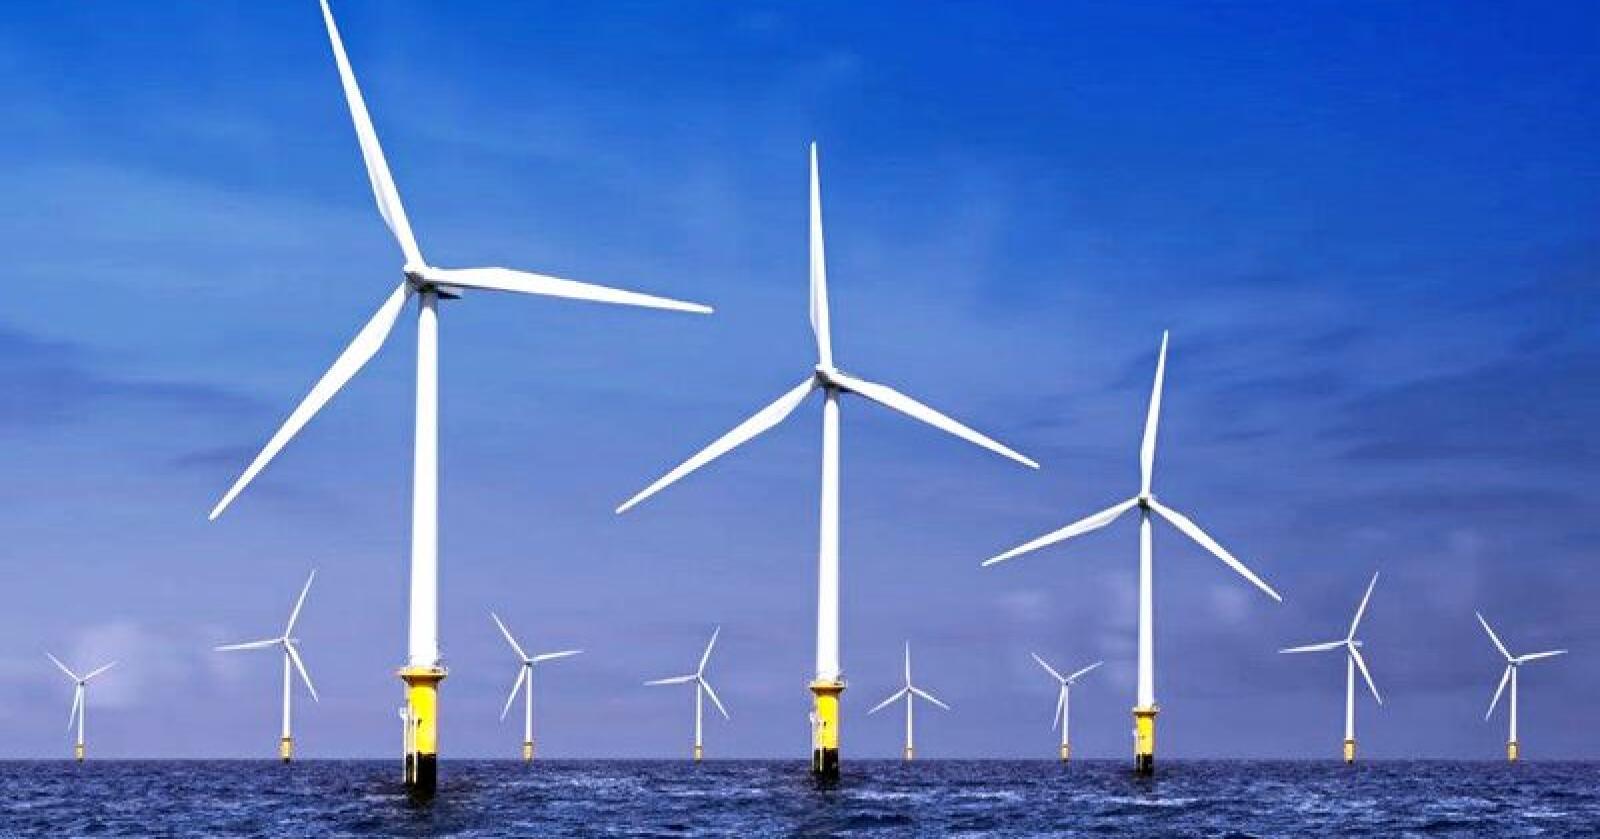 Havforskarar er skeptiske til planane om eit vindkraftanlegg utanfor finnmarkskysten. Foto: Colourbox